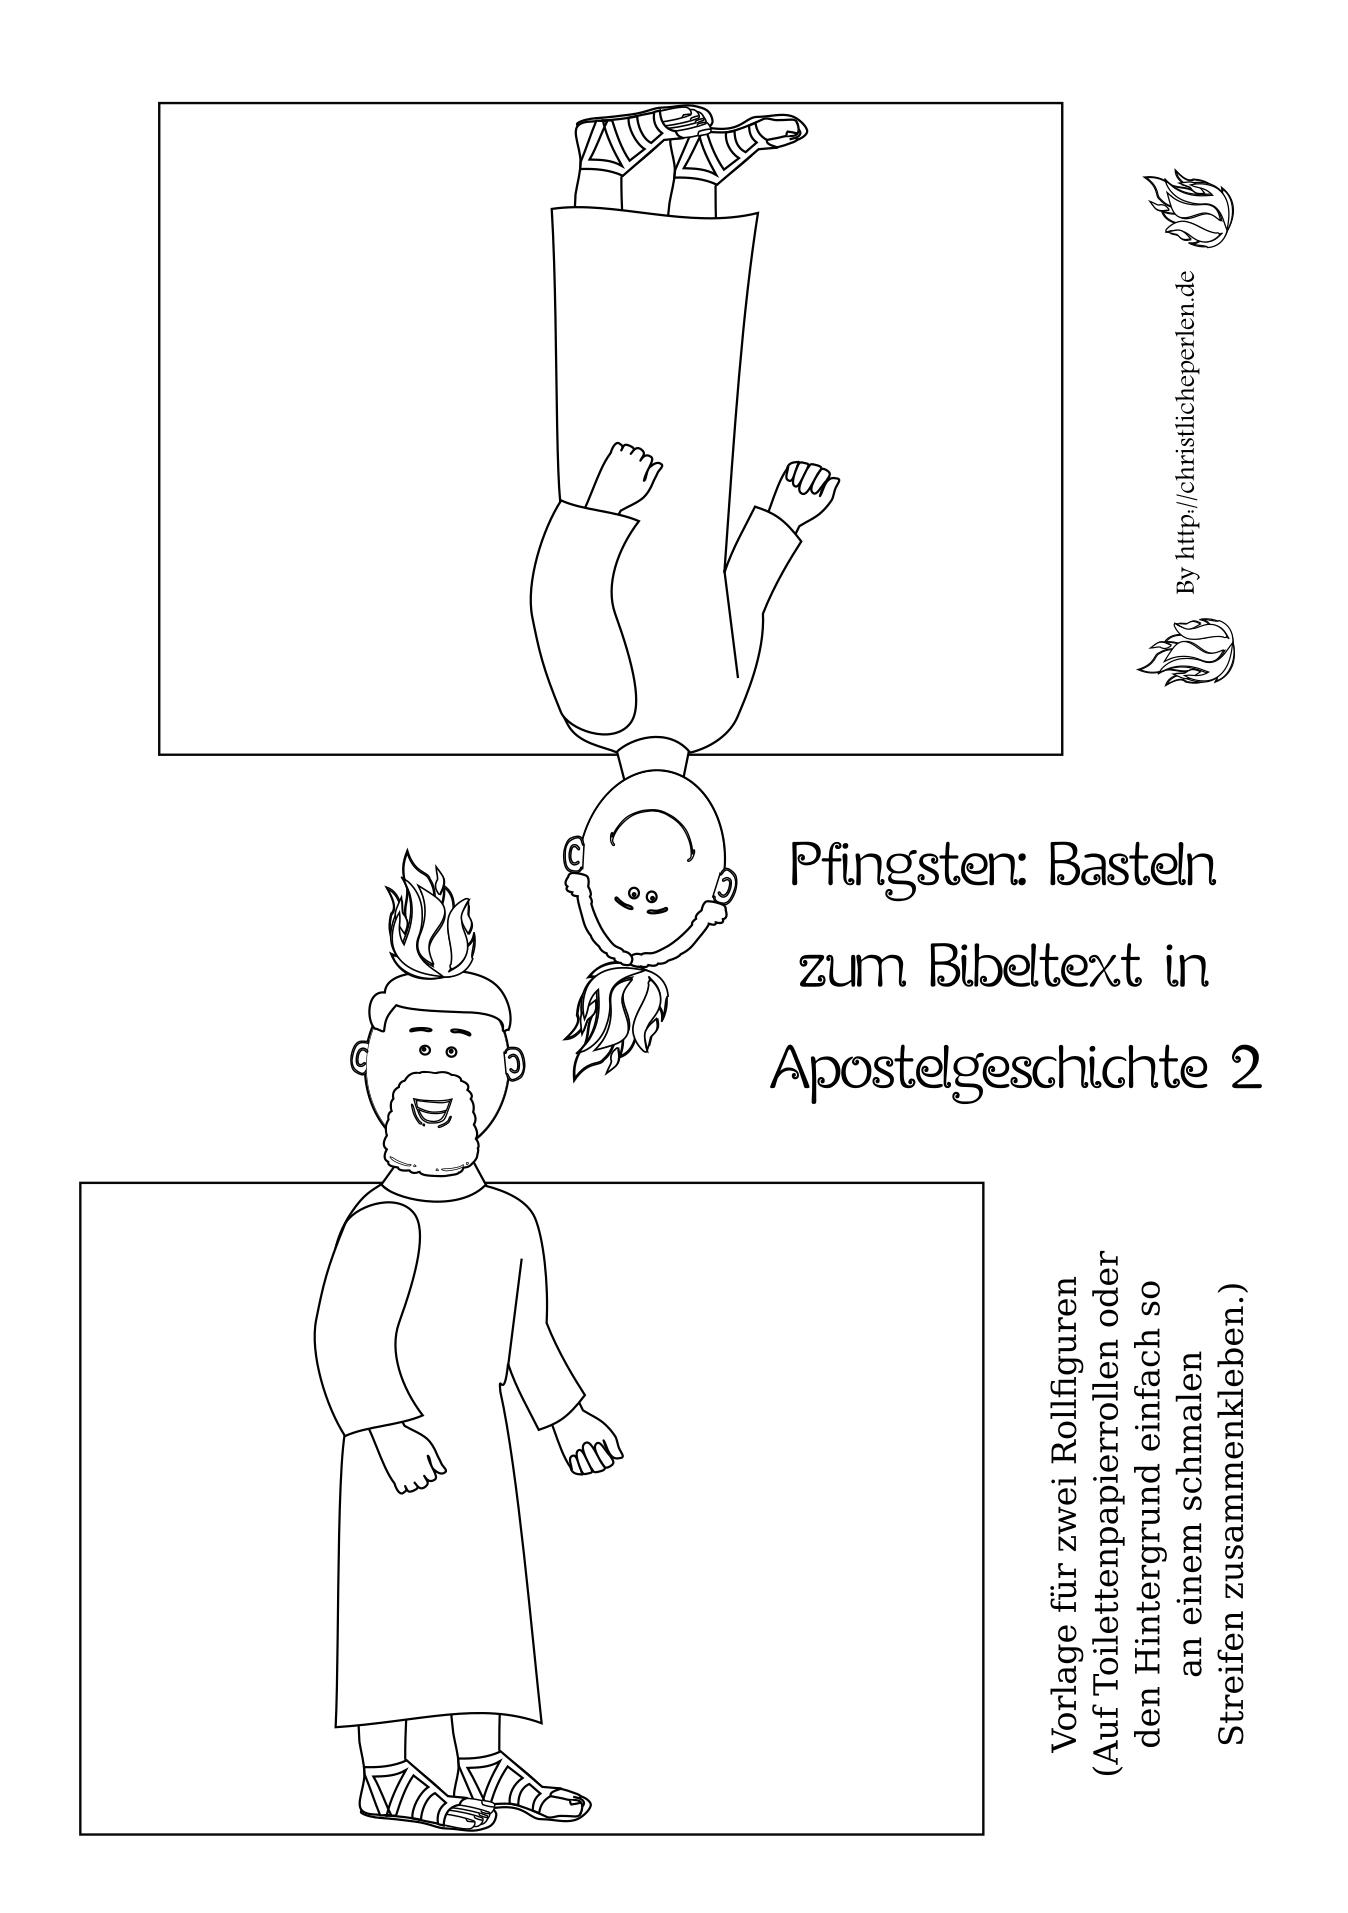 Lesezeichen Basteln Vorlagen. Maus Aus Draht Basteln With ...